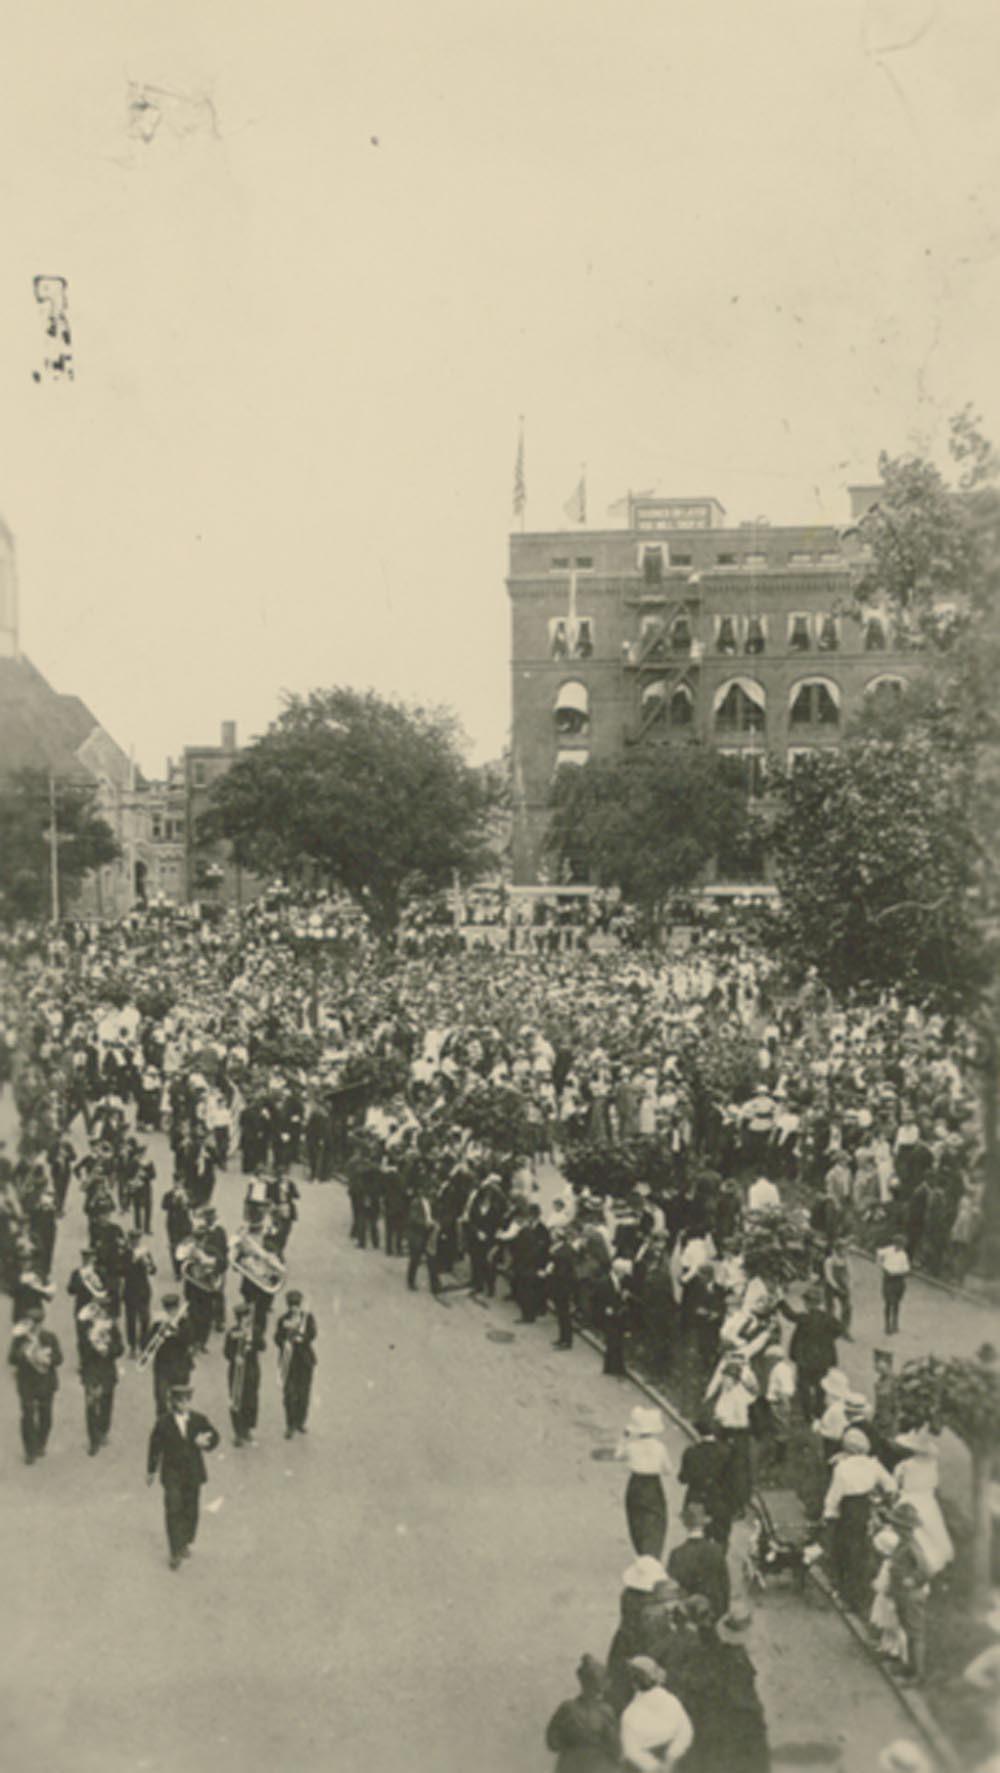 35th Division parade, Topeka, Kansas